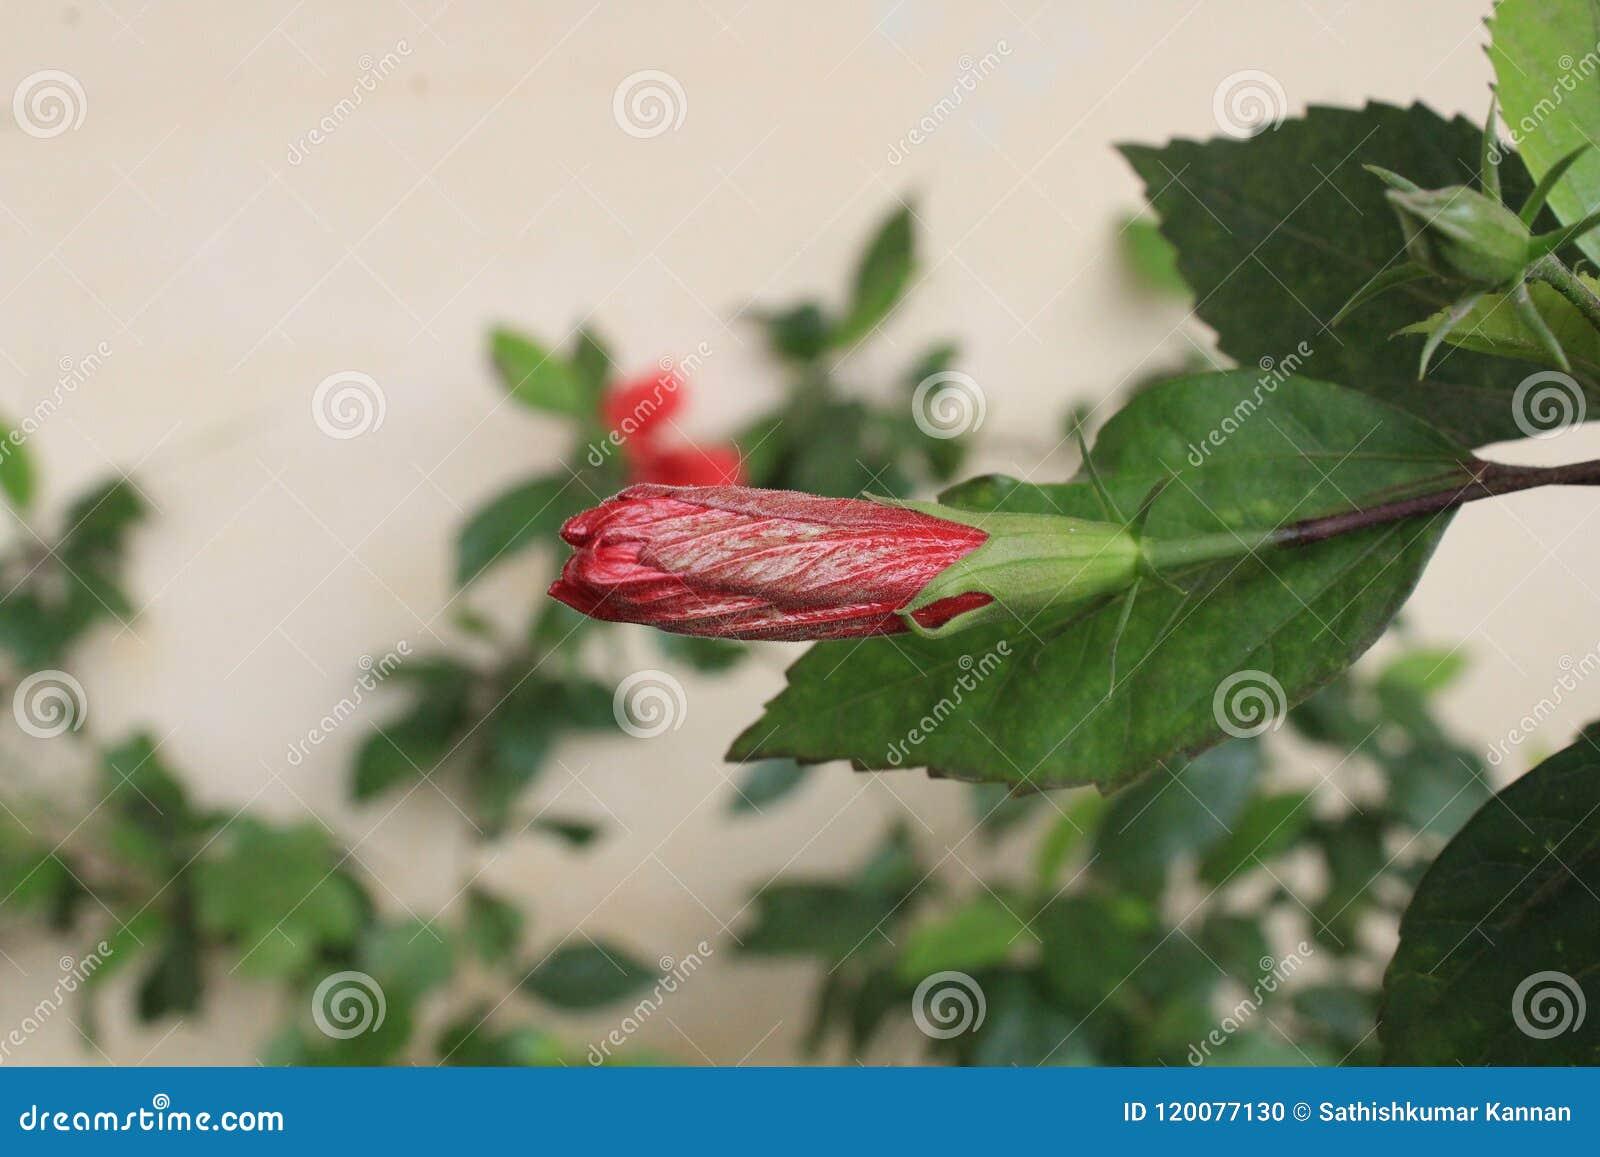 Hibiscus medium bud flower in photos stock photo image of hibiscus medium bud flower in photos izmirmasajfo